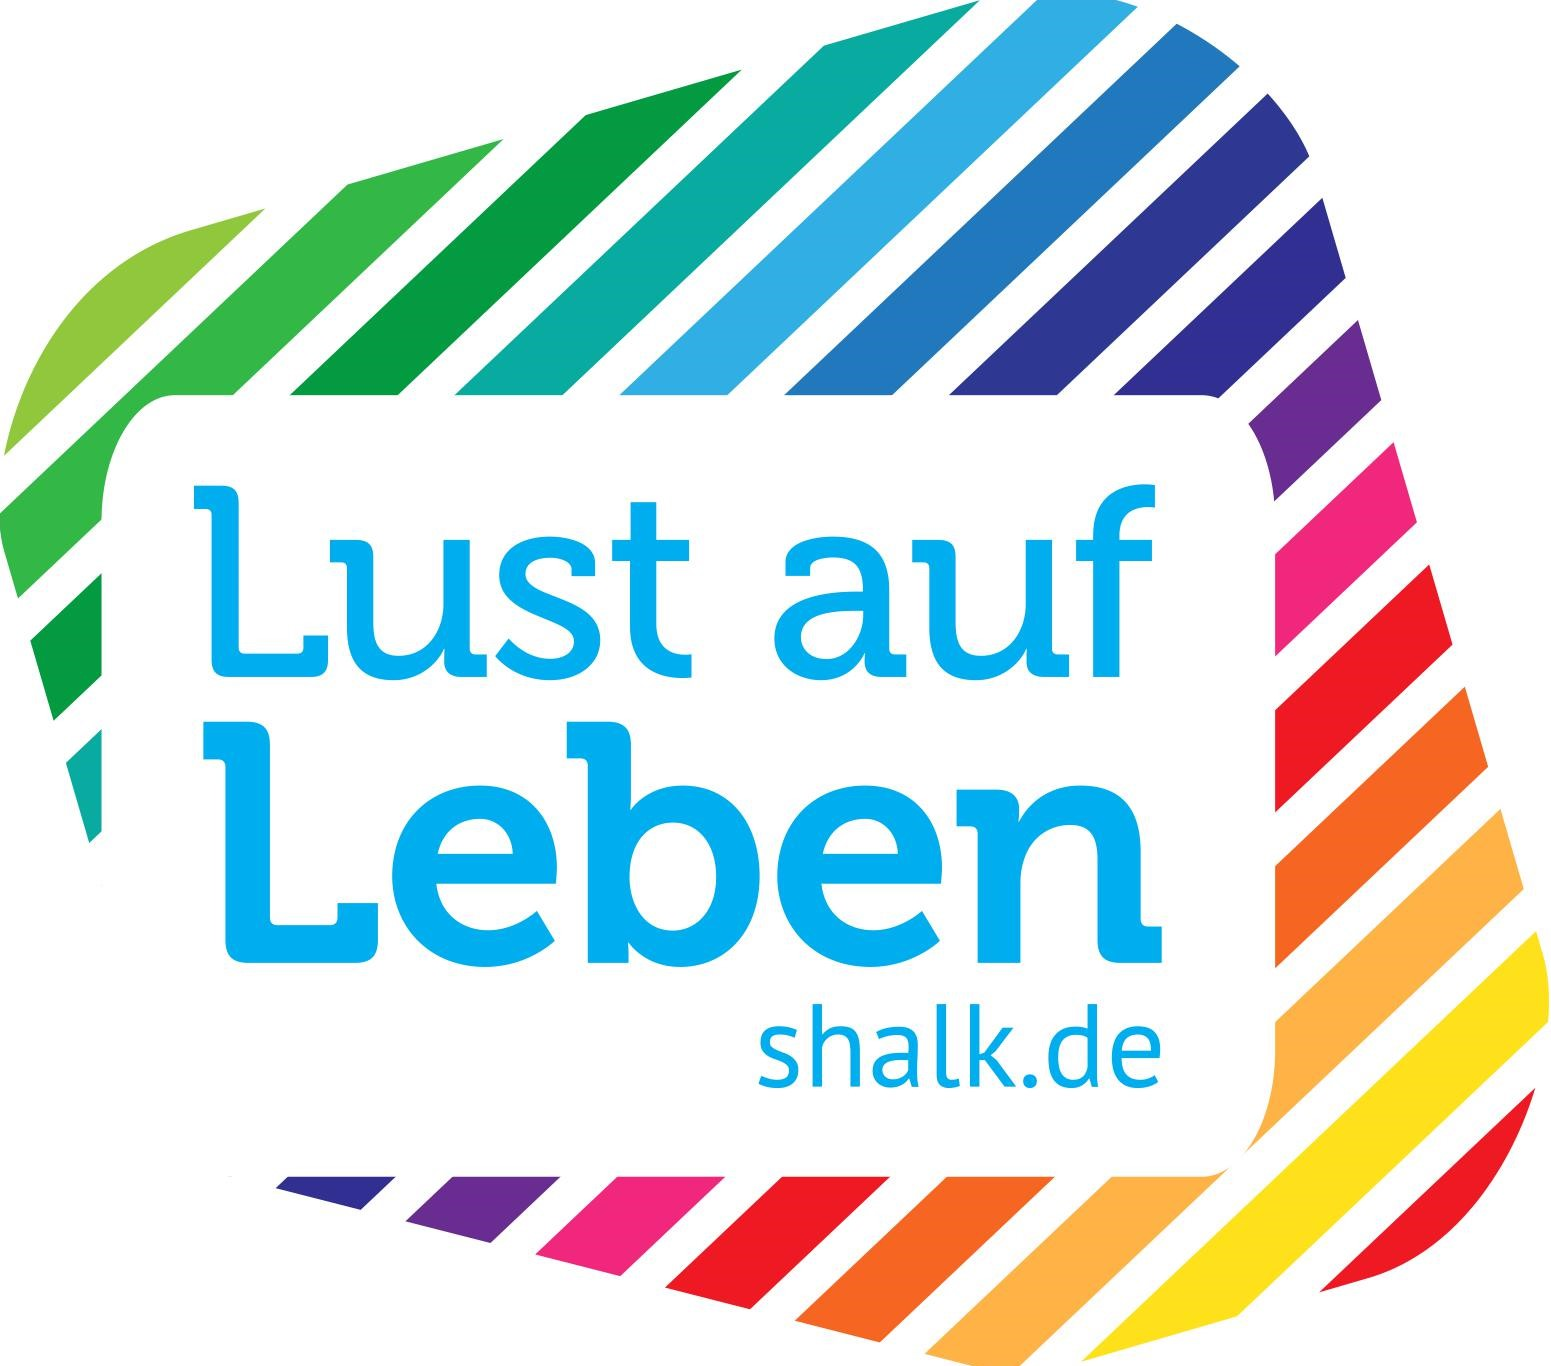 Selbsthilfegruppen für homo-, bi- und transsexuelle Menschen mit Suchterkrankungen in Duisburg (Angehörigengruppe)